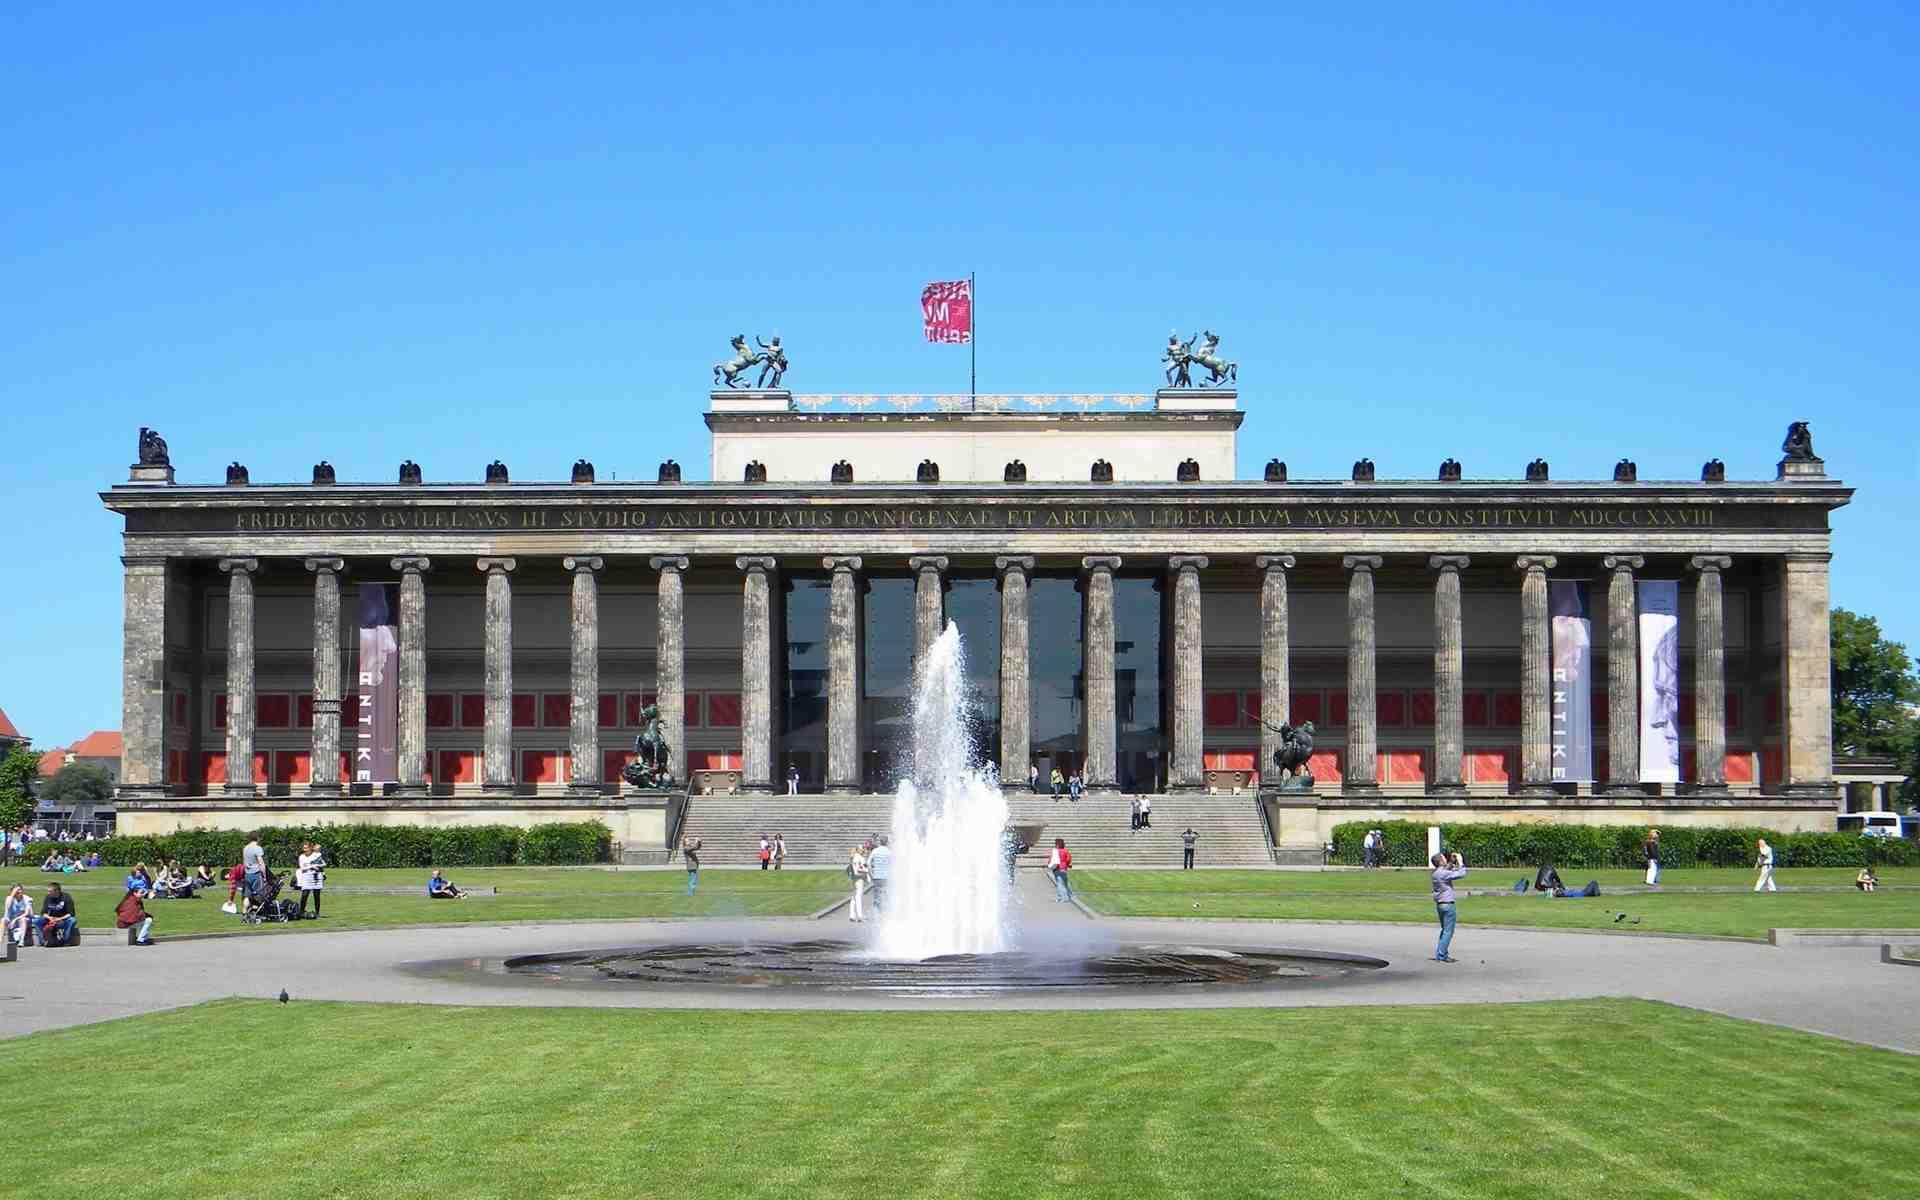 اهم واجمل المعالم والاماكن السياحية في برلين المانيا